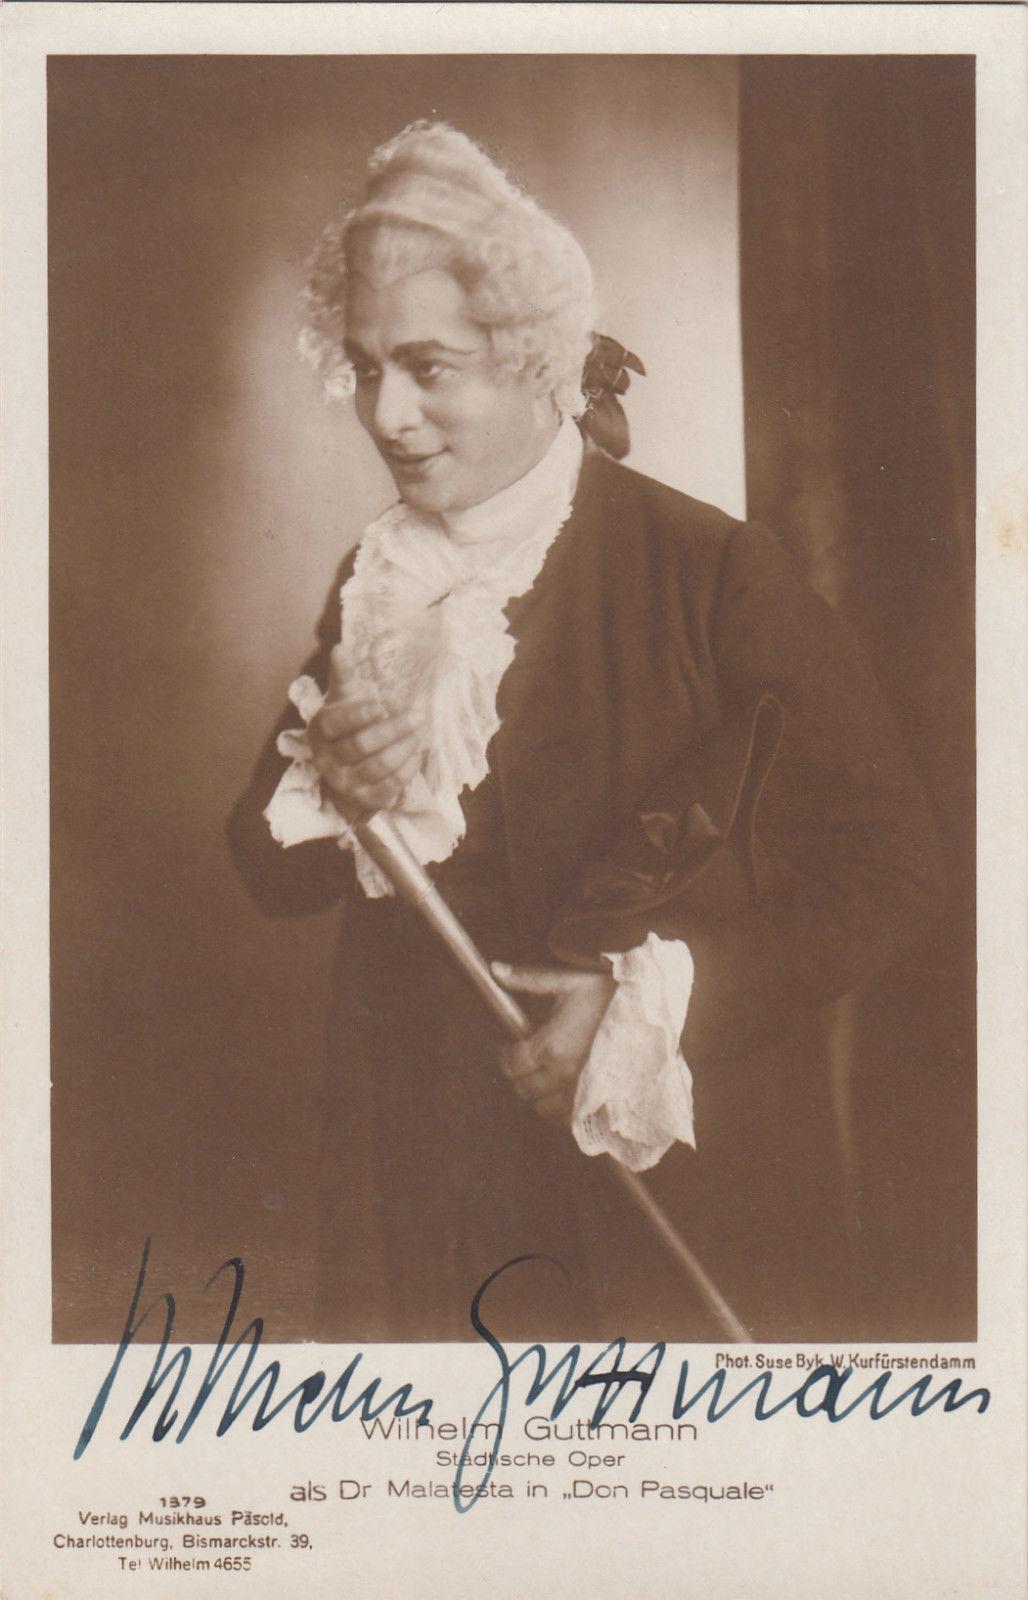 Wilhelm Guttmann